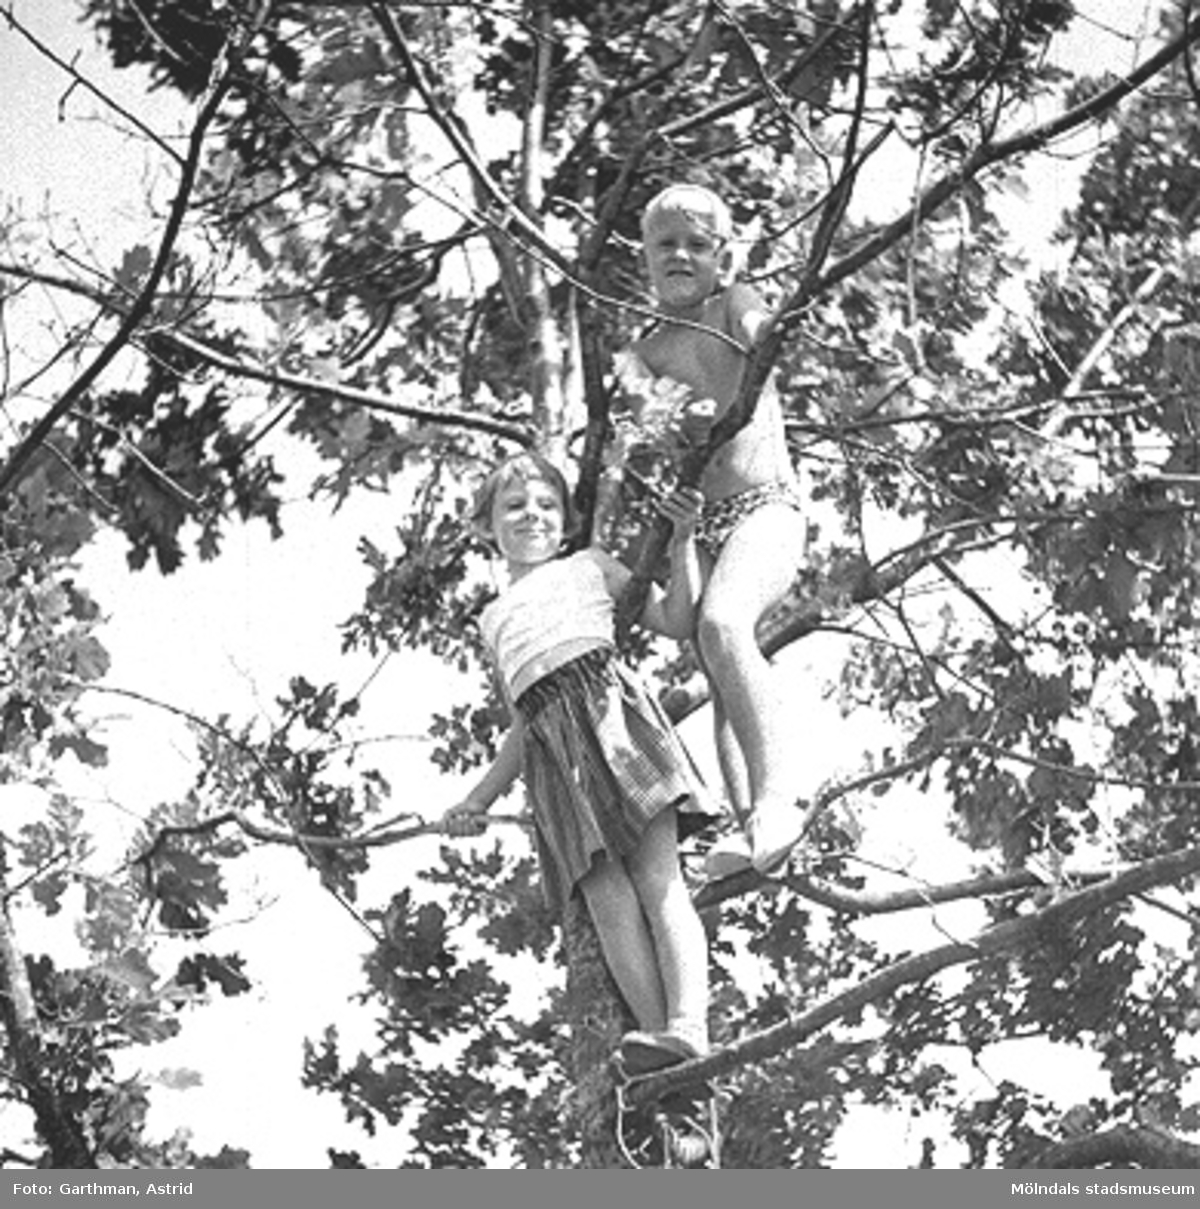 Familjen Garthman är på besök hos Sven Torgé i dennes sommarstuga på Orust under 1950-talet. Svens barn är uppe i ett träd.